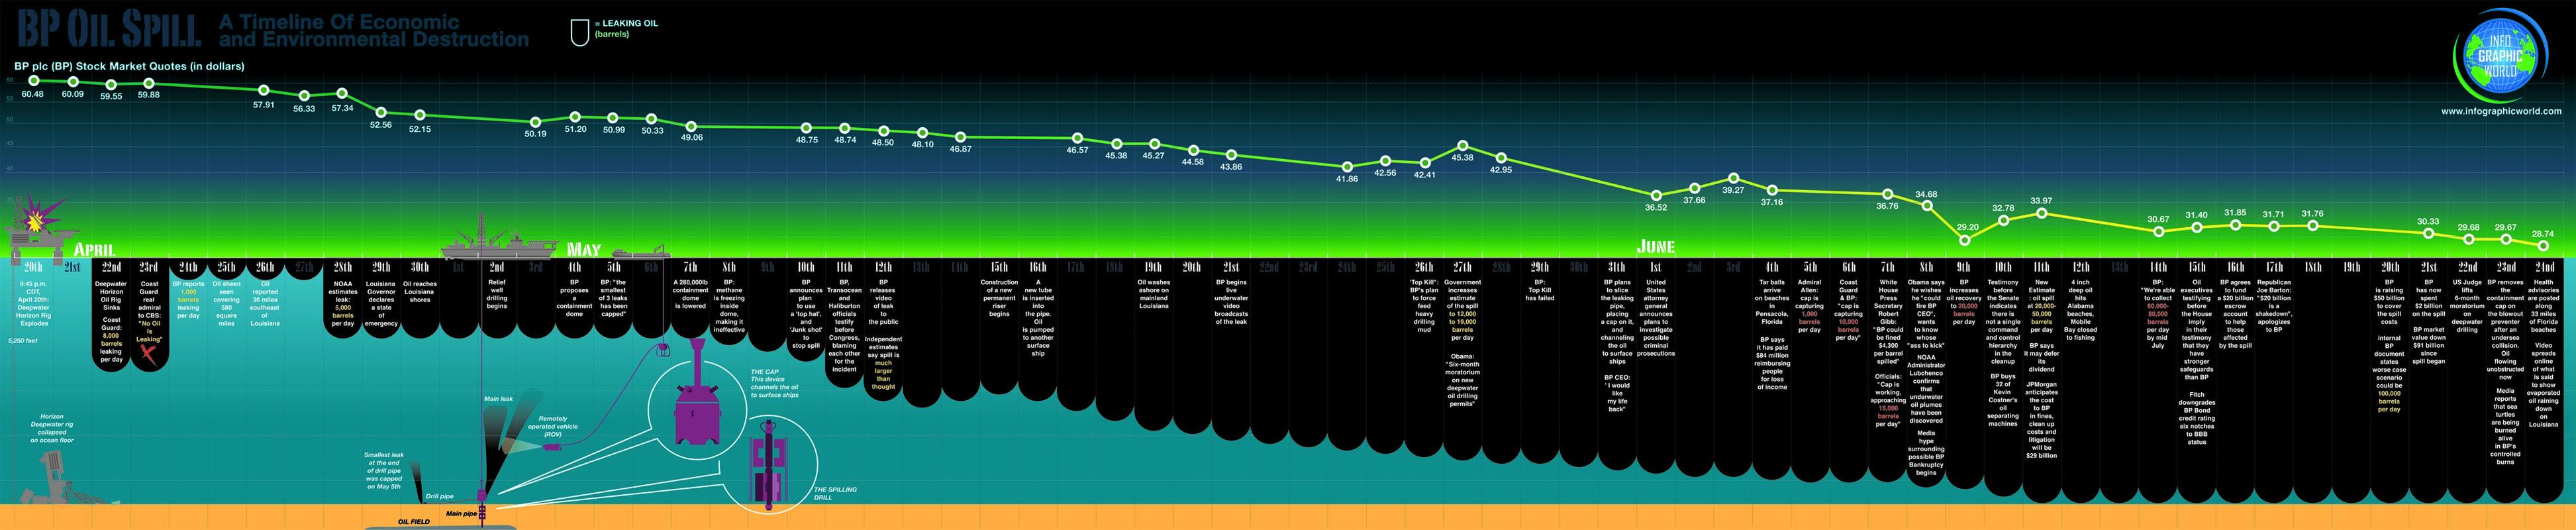 BP-Oil Spill Timeline